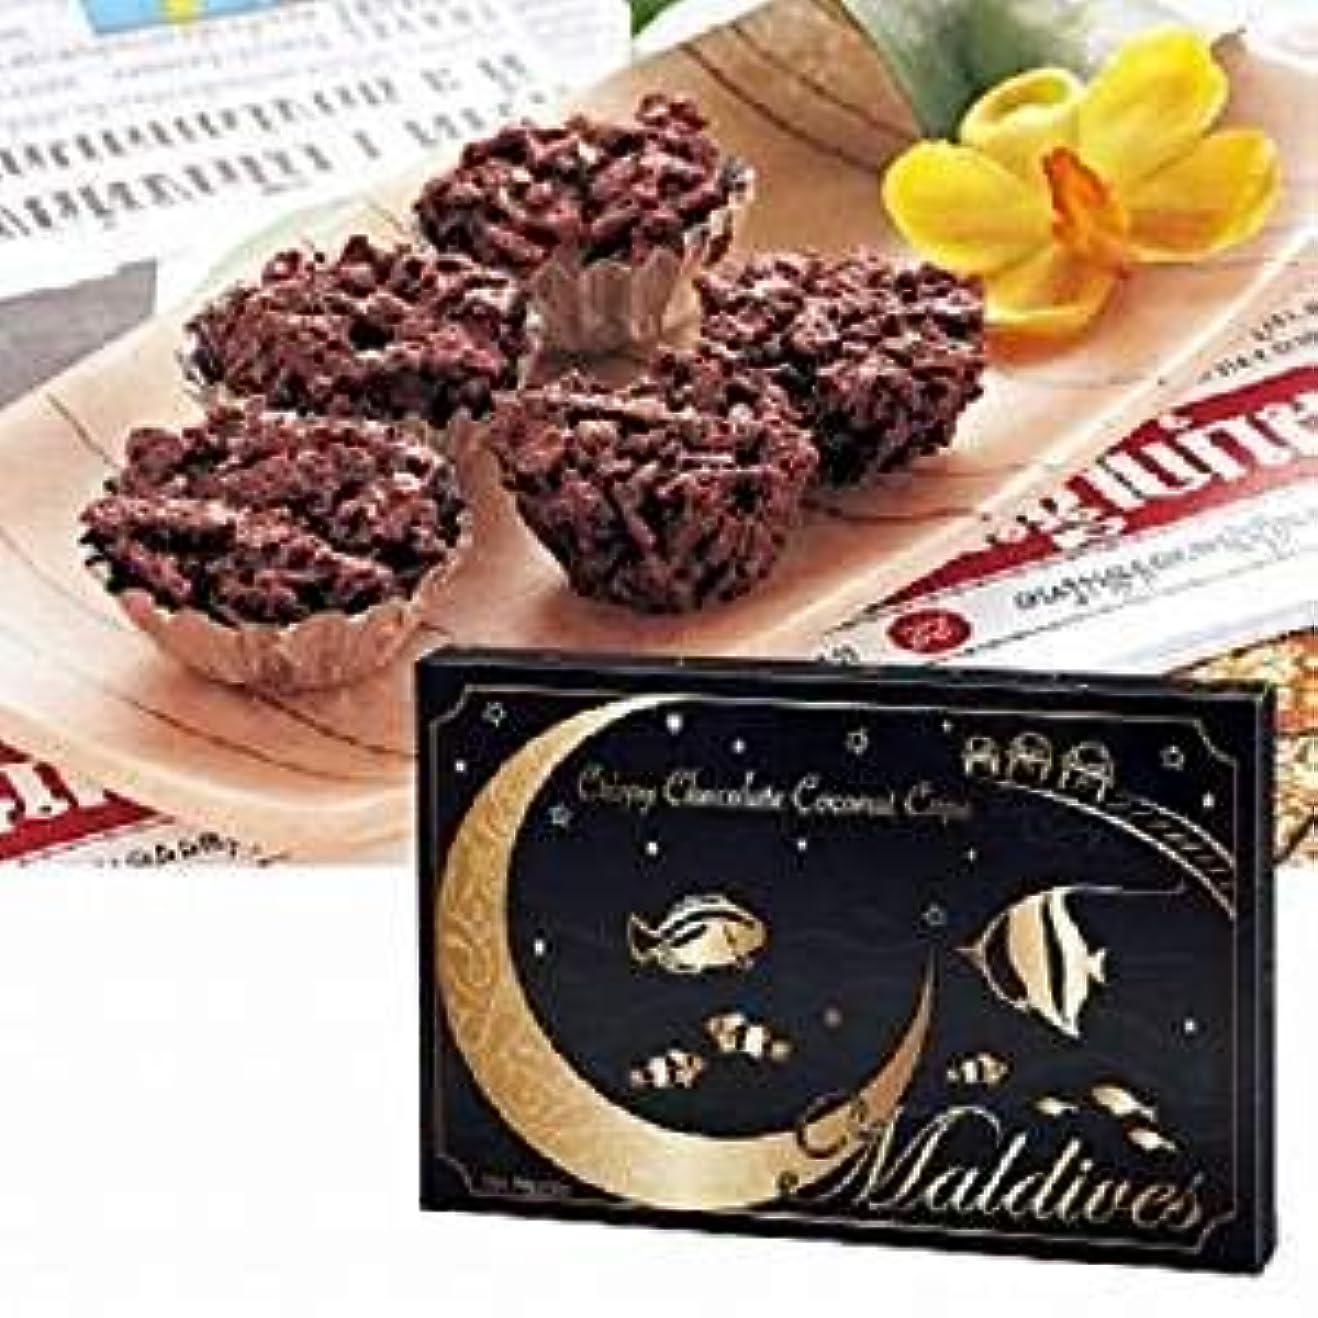 する必要がある他の日素人モルディブ ココナッツ カップ 1箱【モルディブ 海外土産 輸入食品 スイーツ】